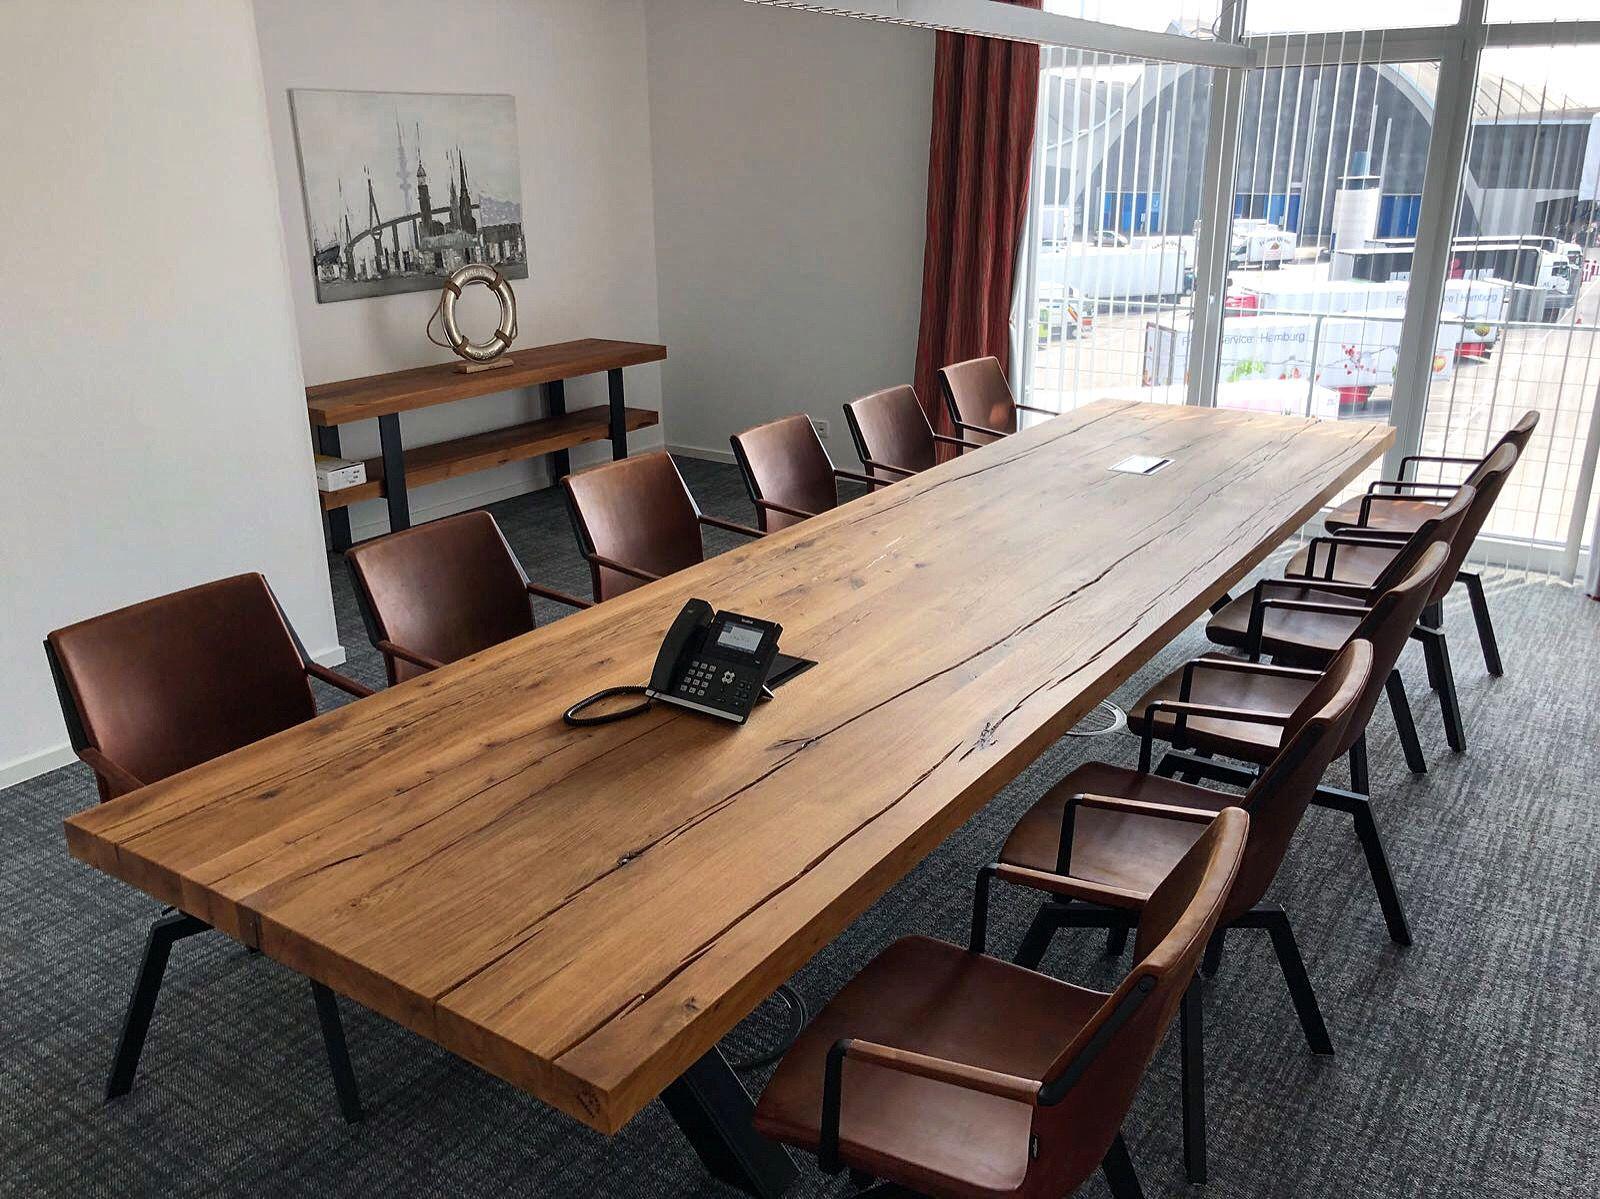 Konferenztisch Massiv Holz Massivholztisch Konferenztisch Esstisch Design